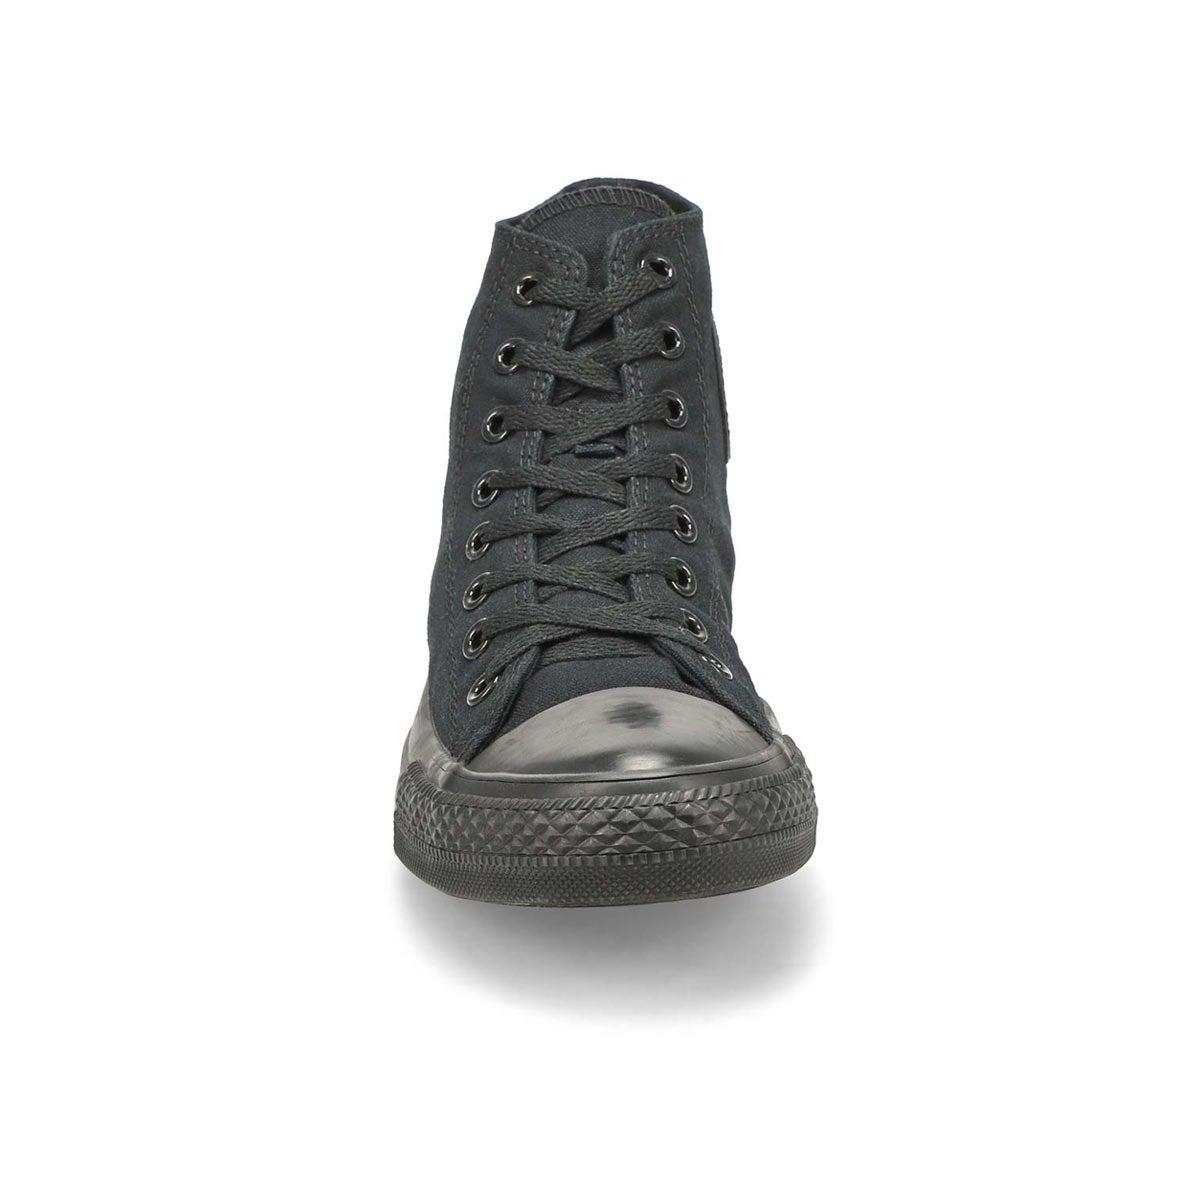 Mns CT All Star Core Hi blk mono sneaker